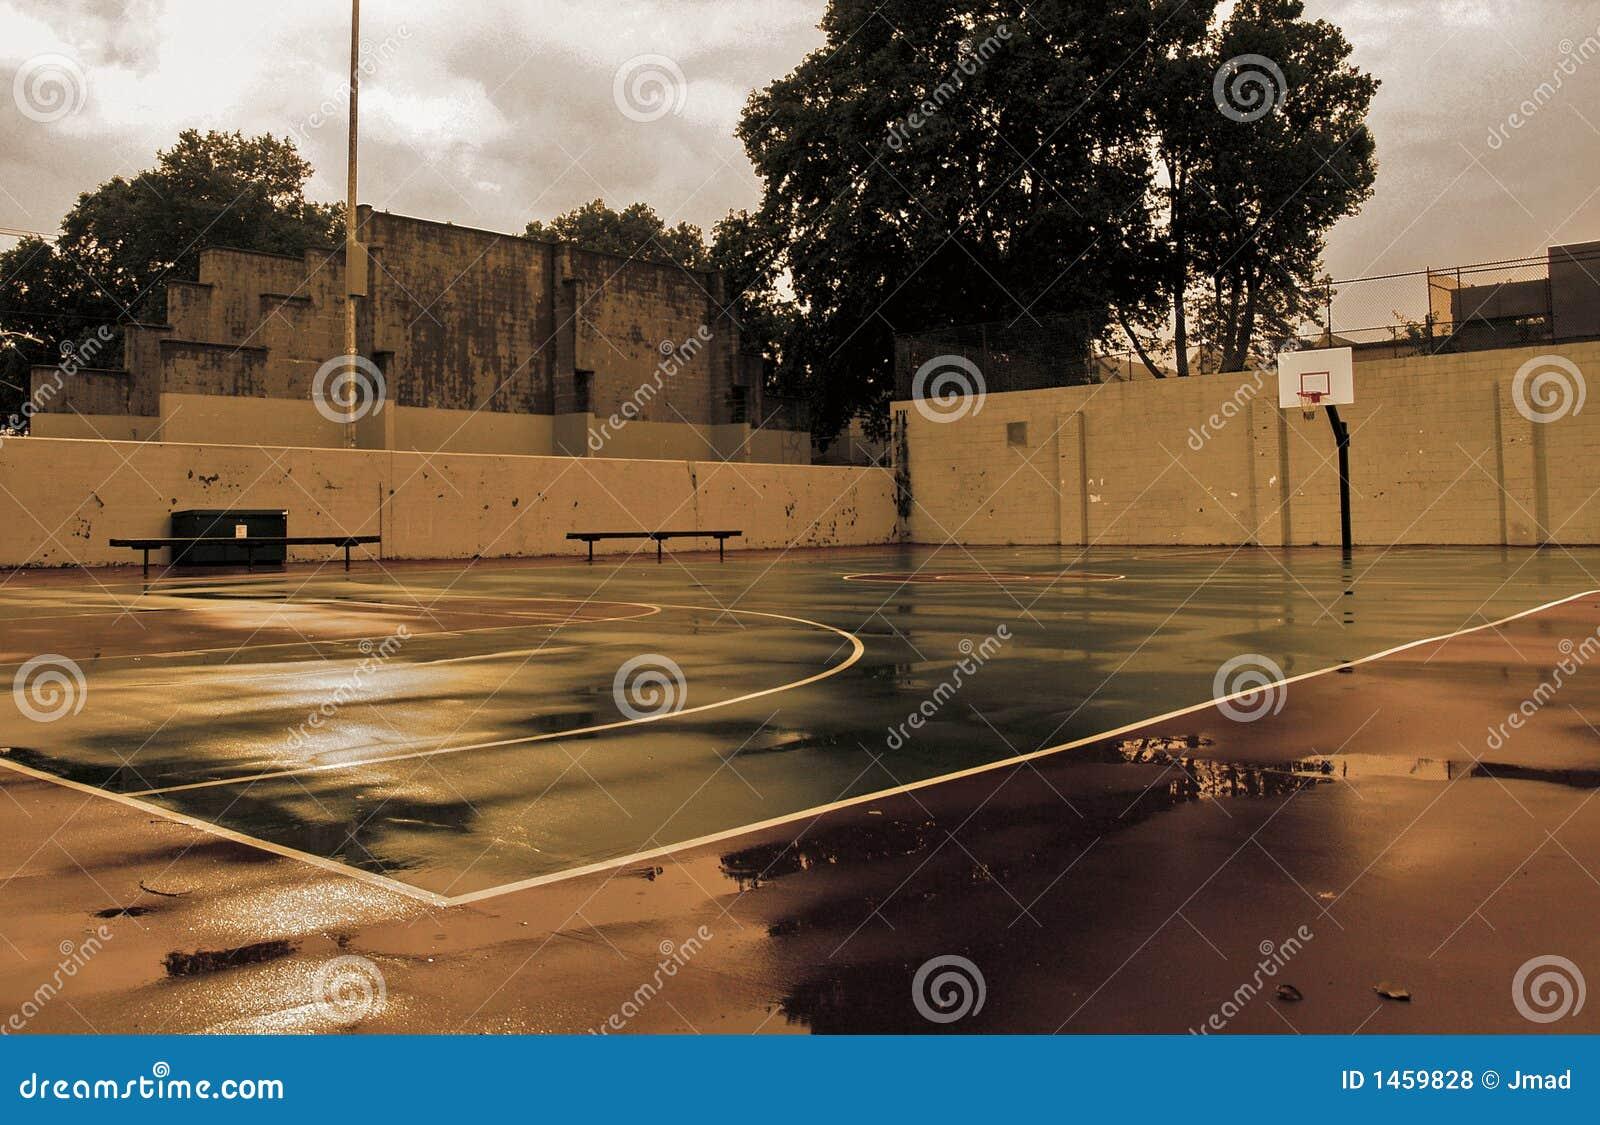 Bball court